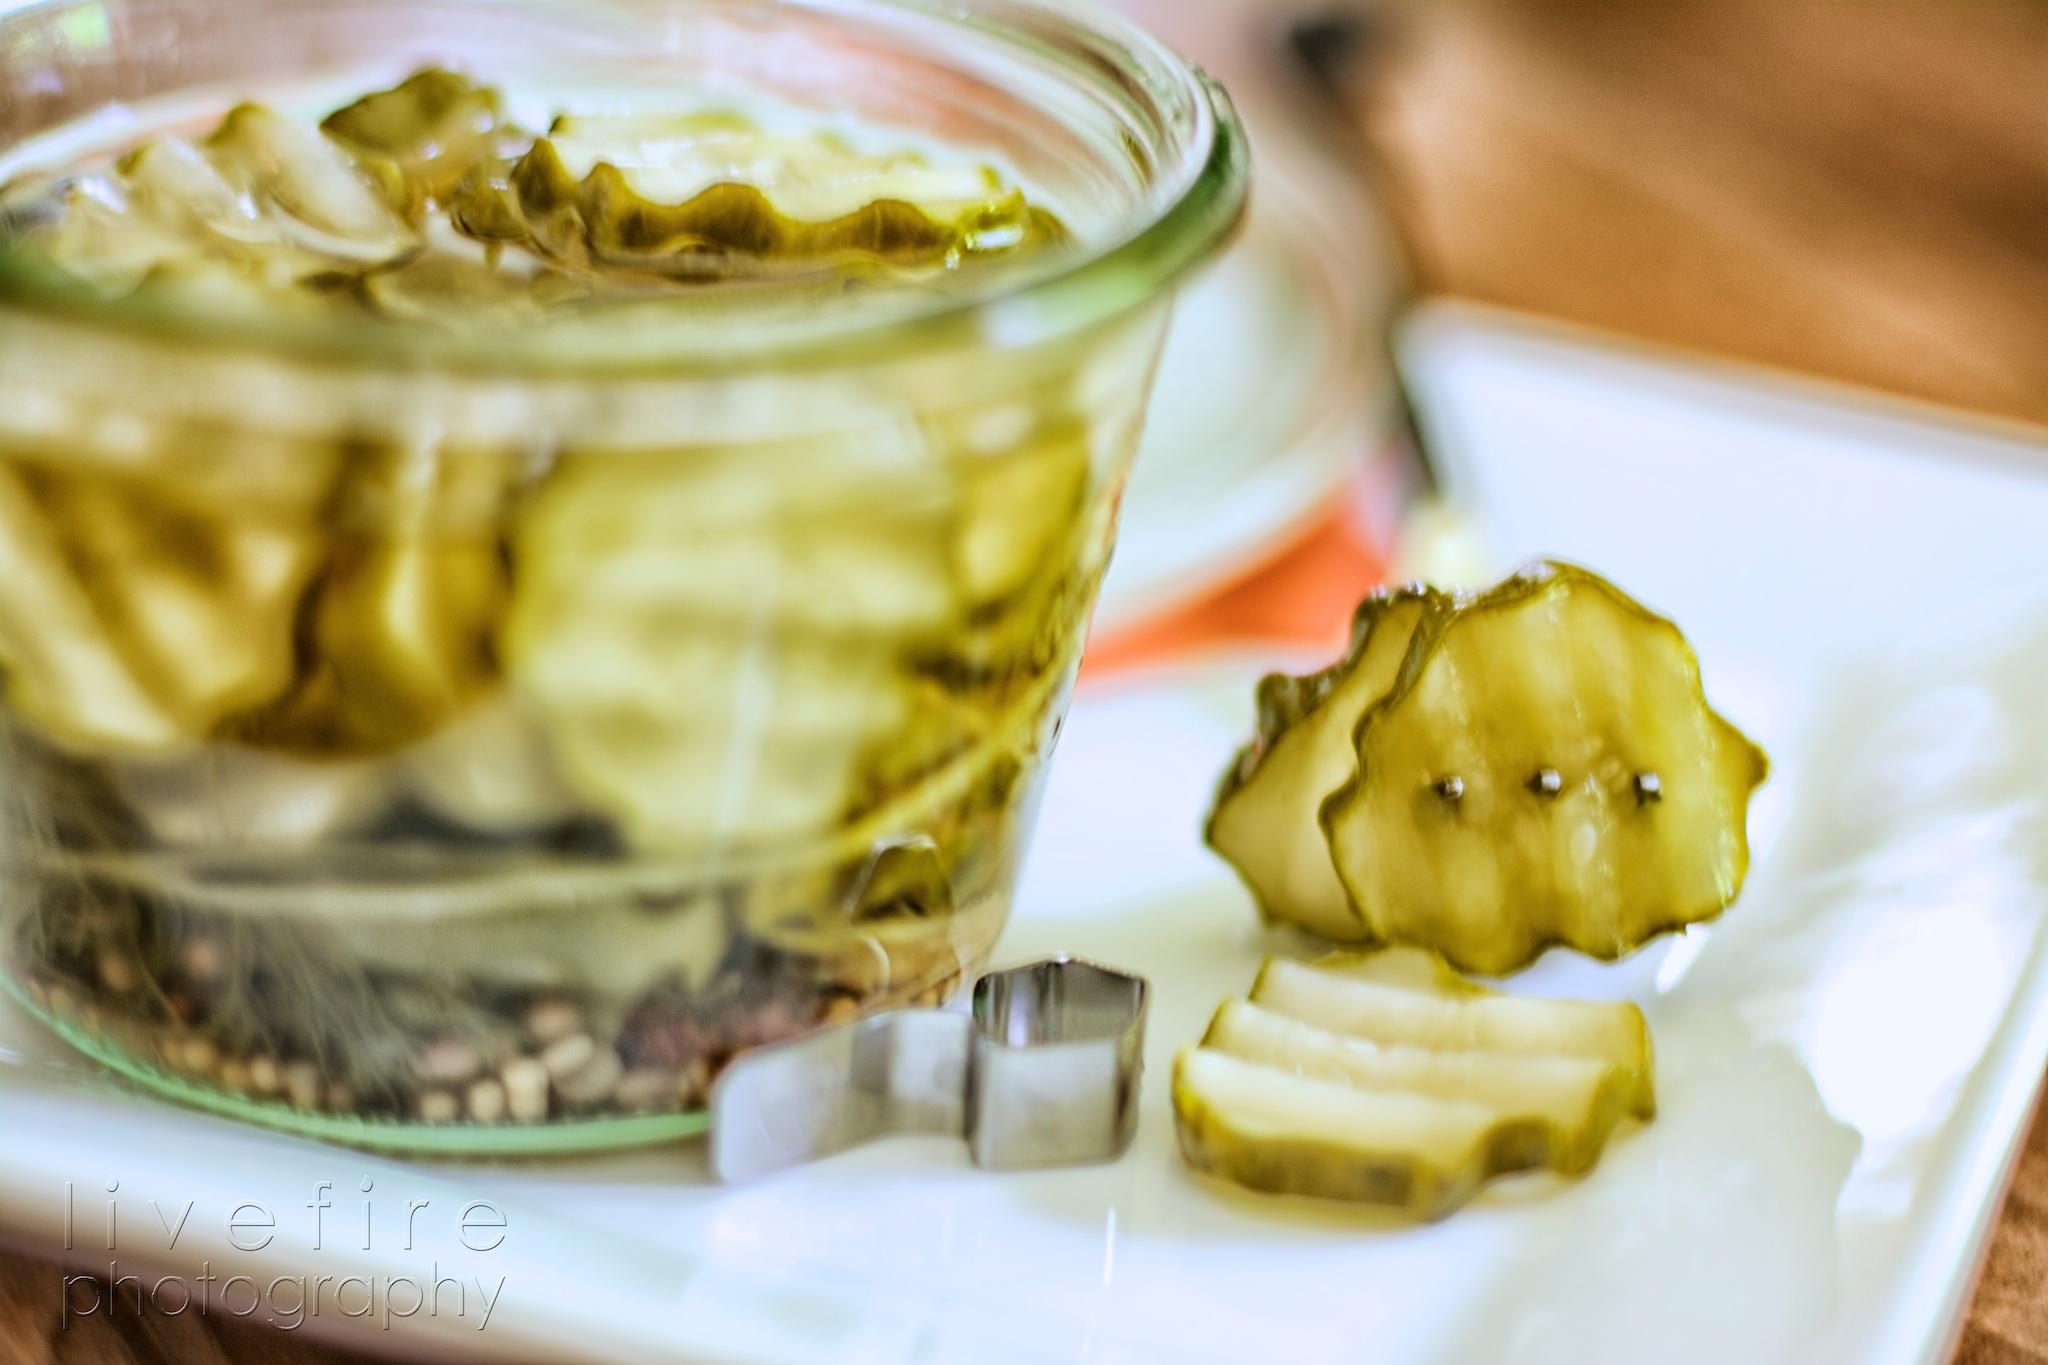 Pickle Tasting